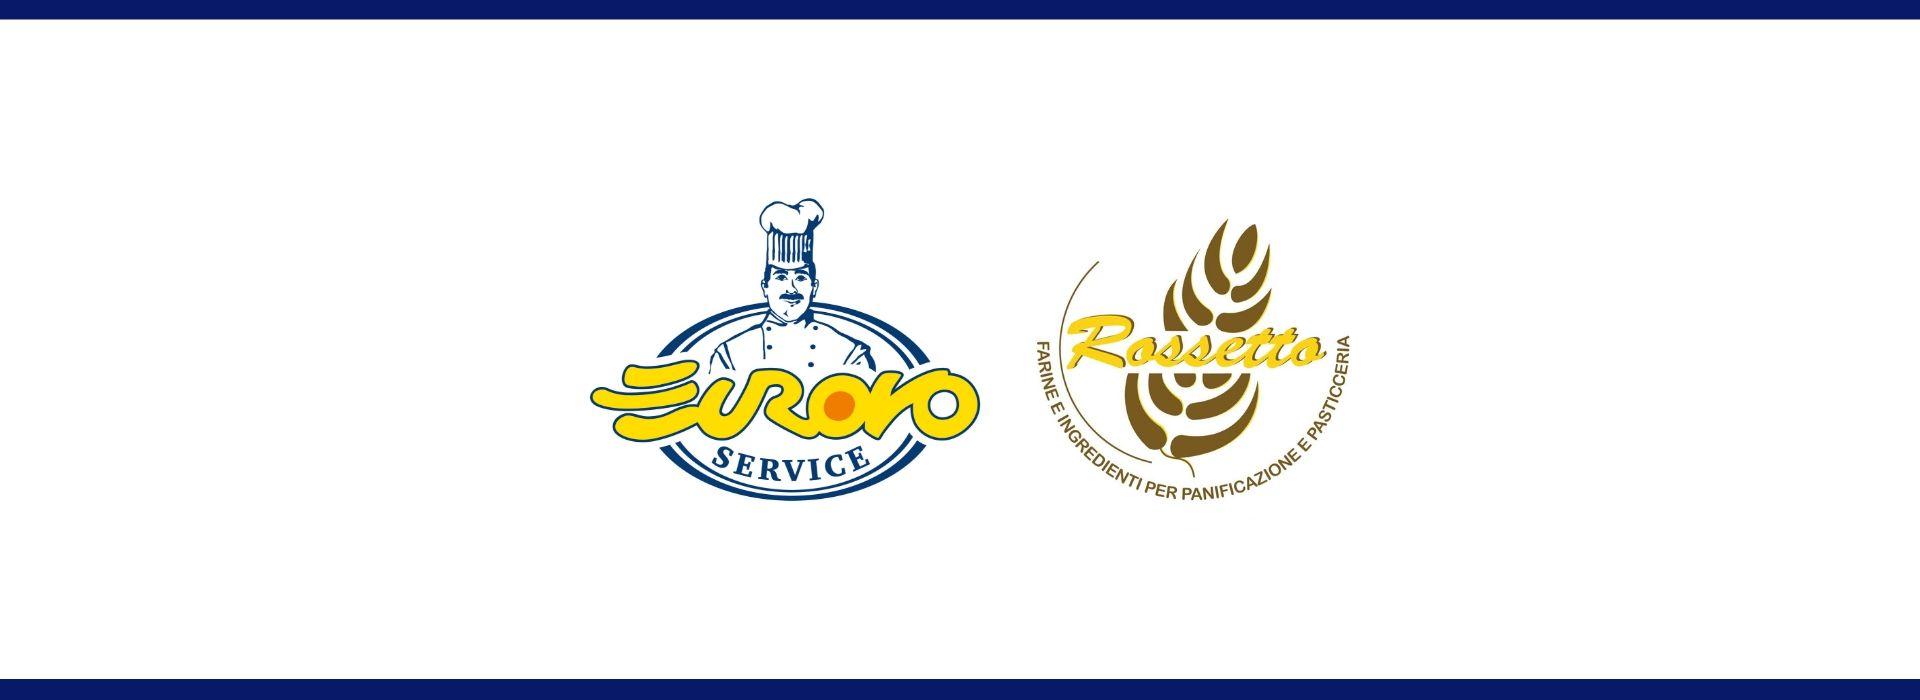 Eurovo Service e Rossetto: una collaborazione in continua crescita